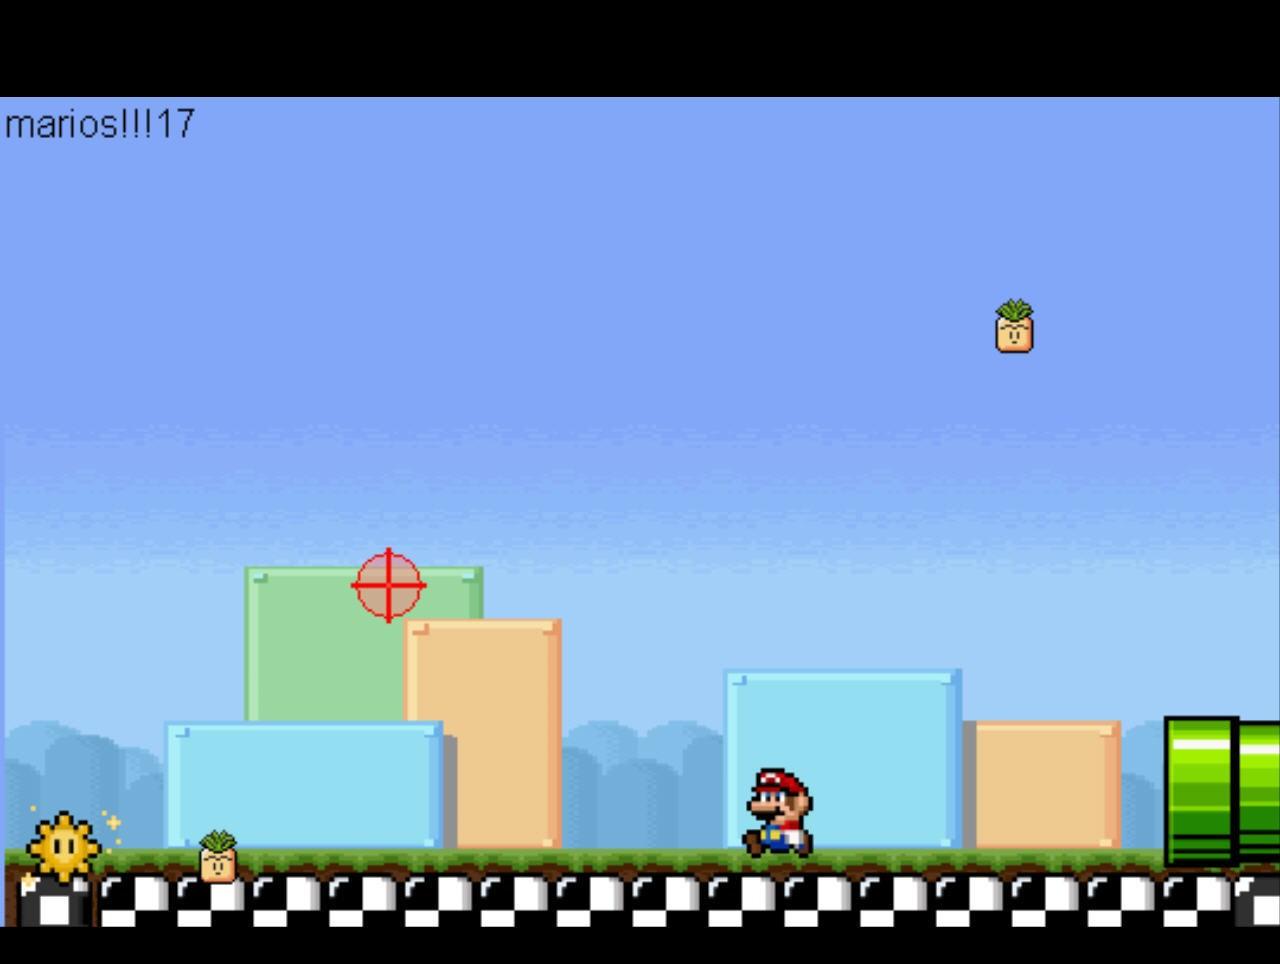 2210-3-mario-game-mario128.jpg